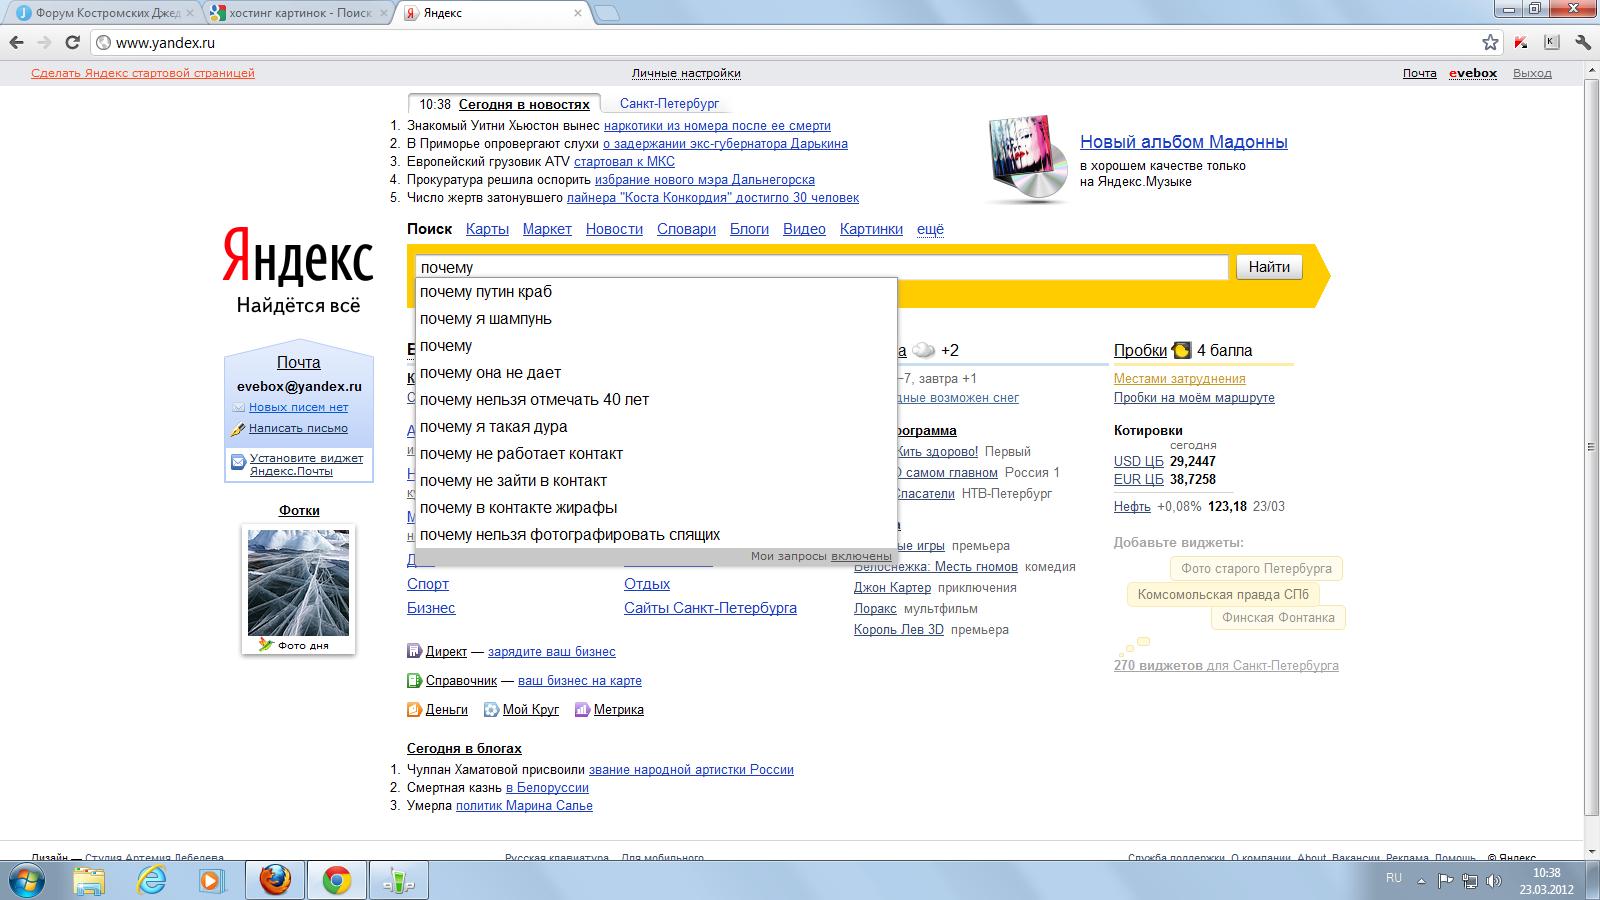 Фон браузера Справка: Яндекс. Браузер 40